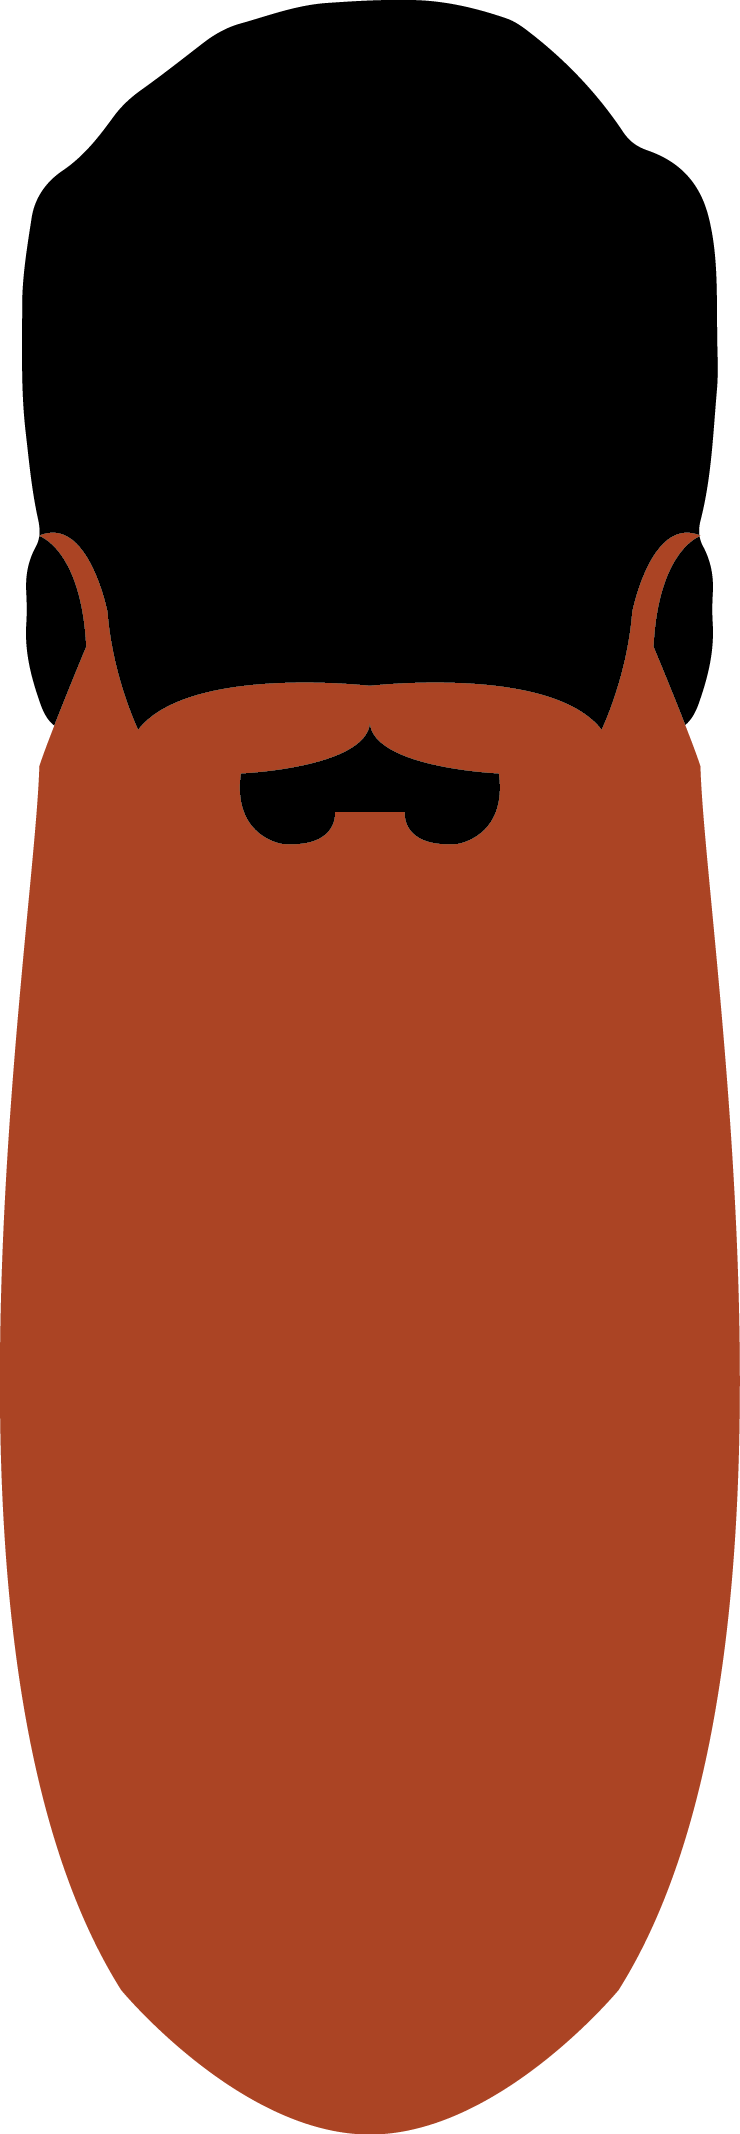 20. Natural Full Beard 45.1cm - 60cm+